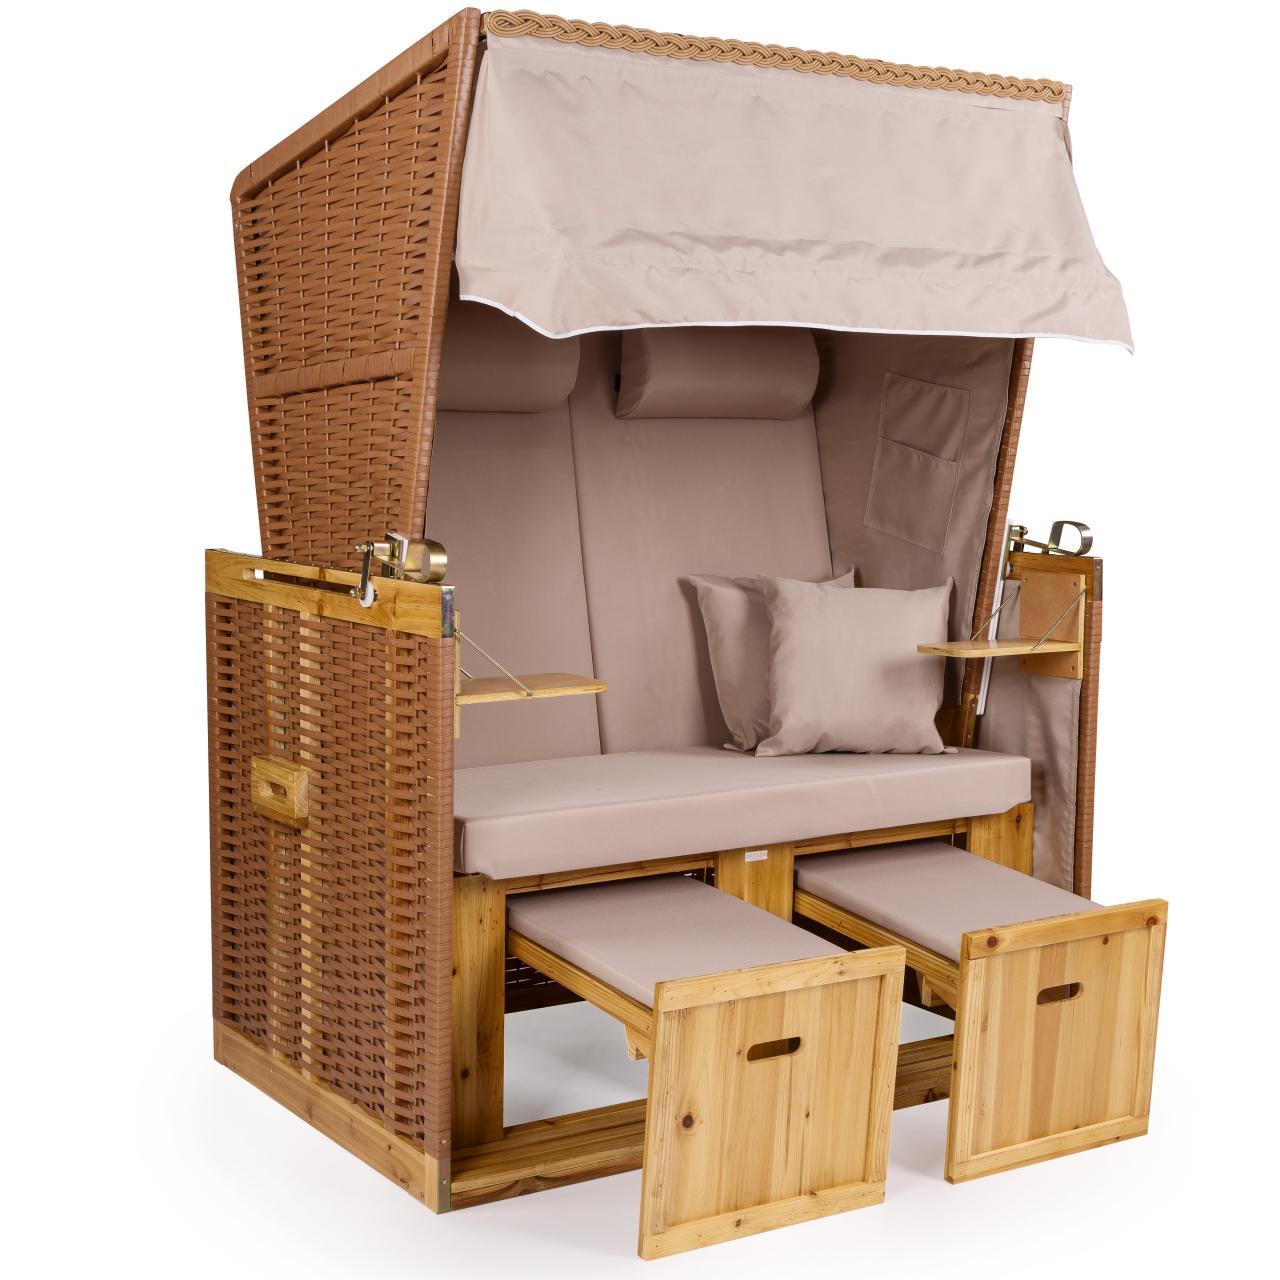 strandkorb xxl premium nordsee volllieger gartenm bel gartenliege lounge rattan ebay. Black Bedroom Furniture Sets. Home Design Ideas